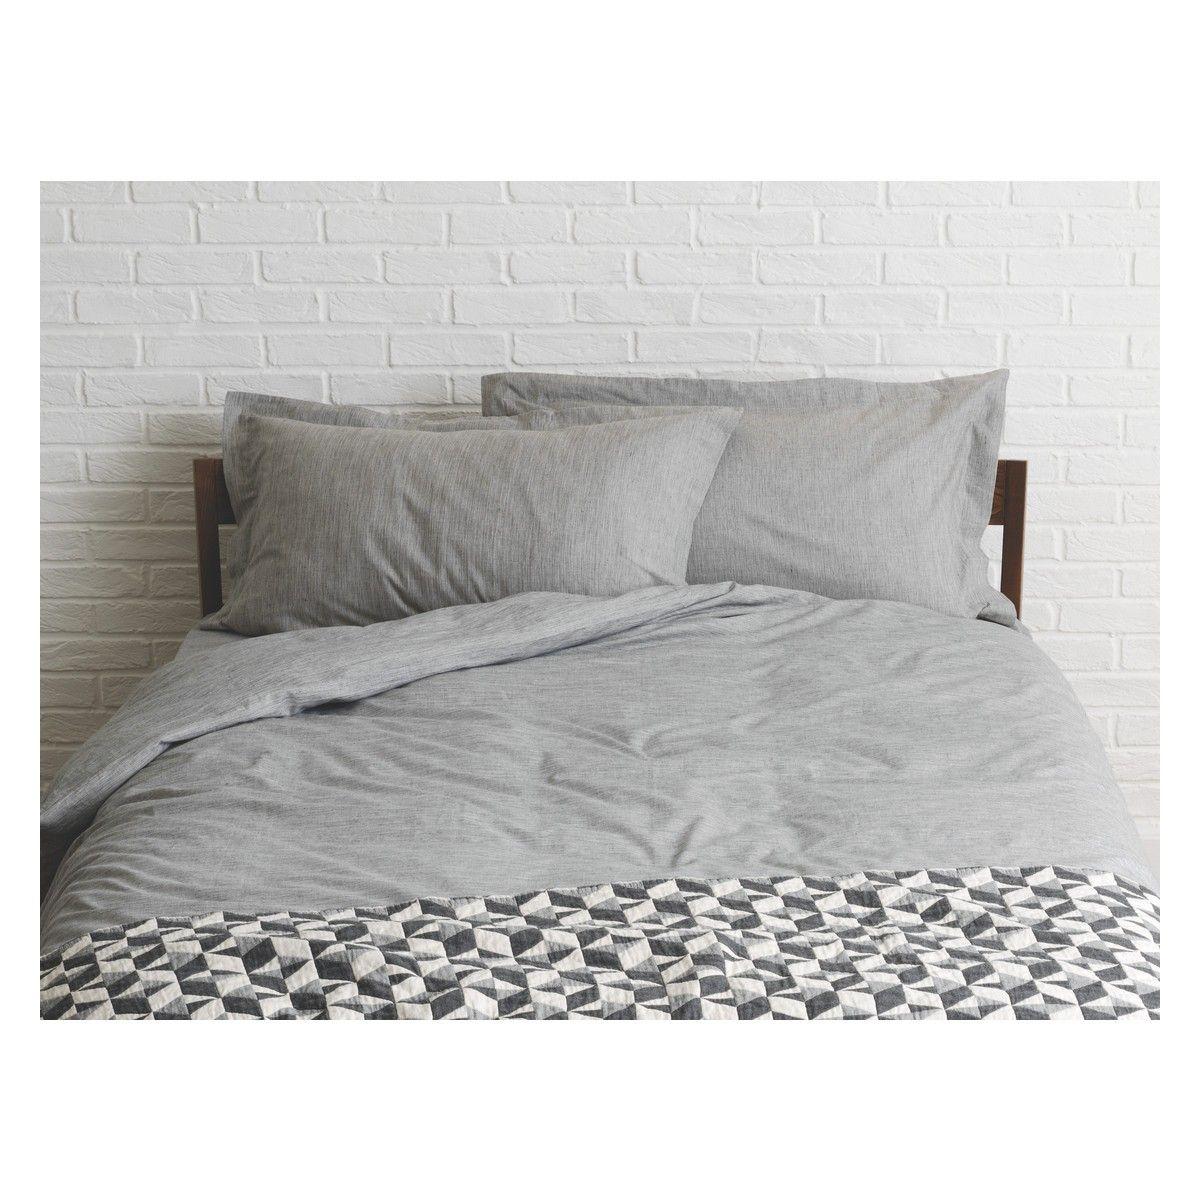 Skye Grey Egyptian Cotton Kingsize Duvet Cover Now At Habitat Uk